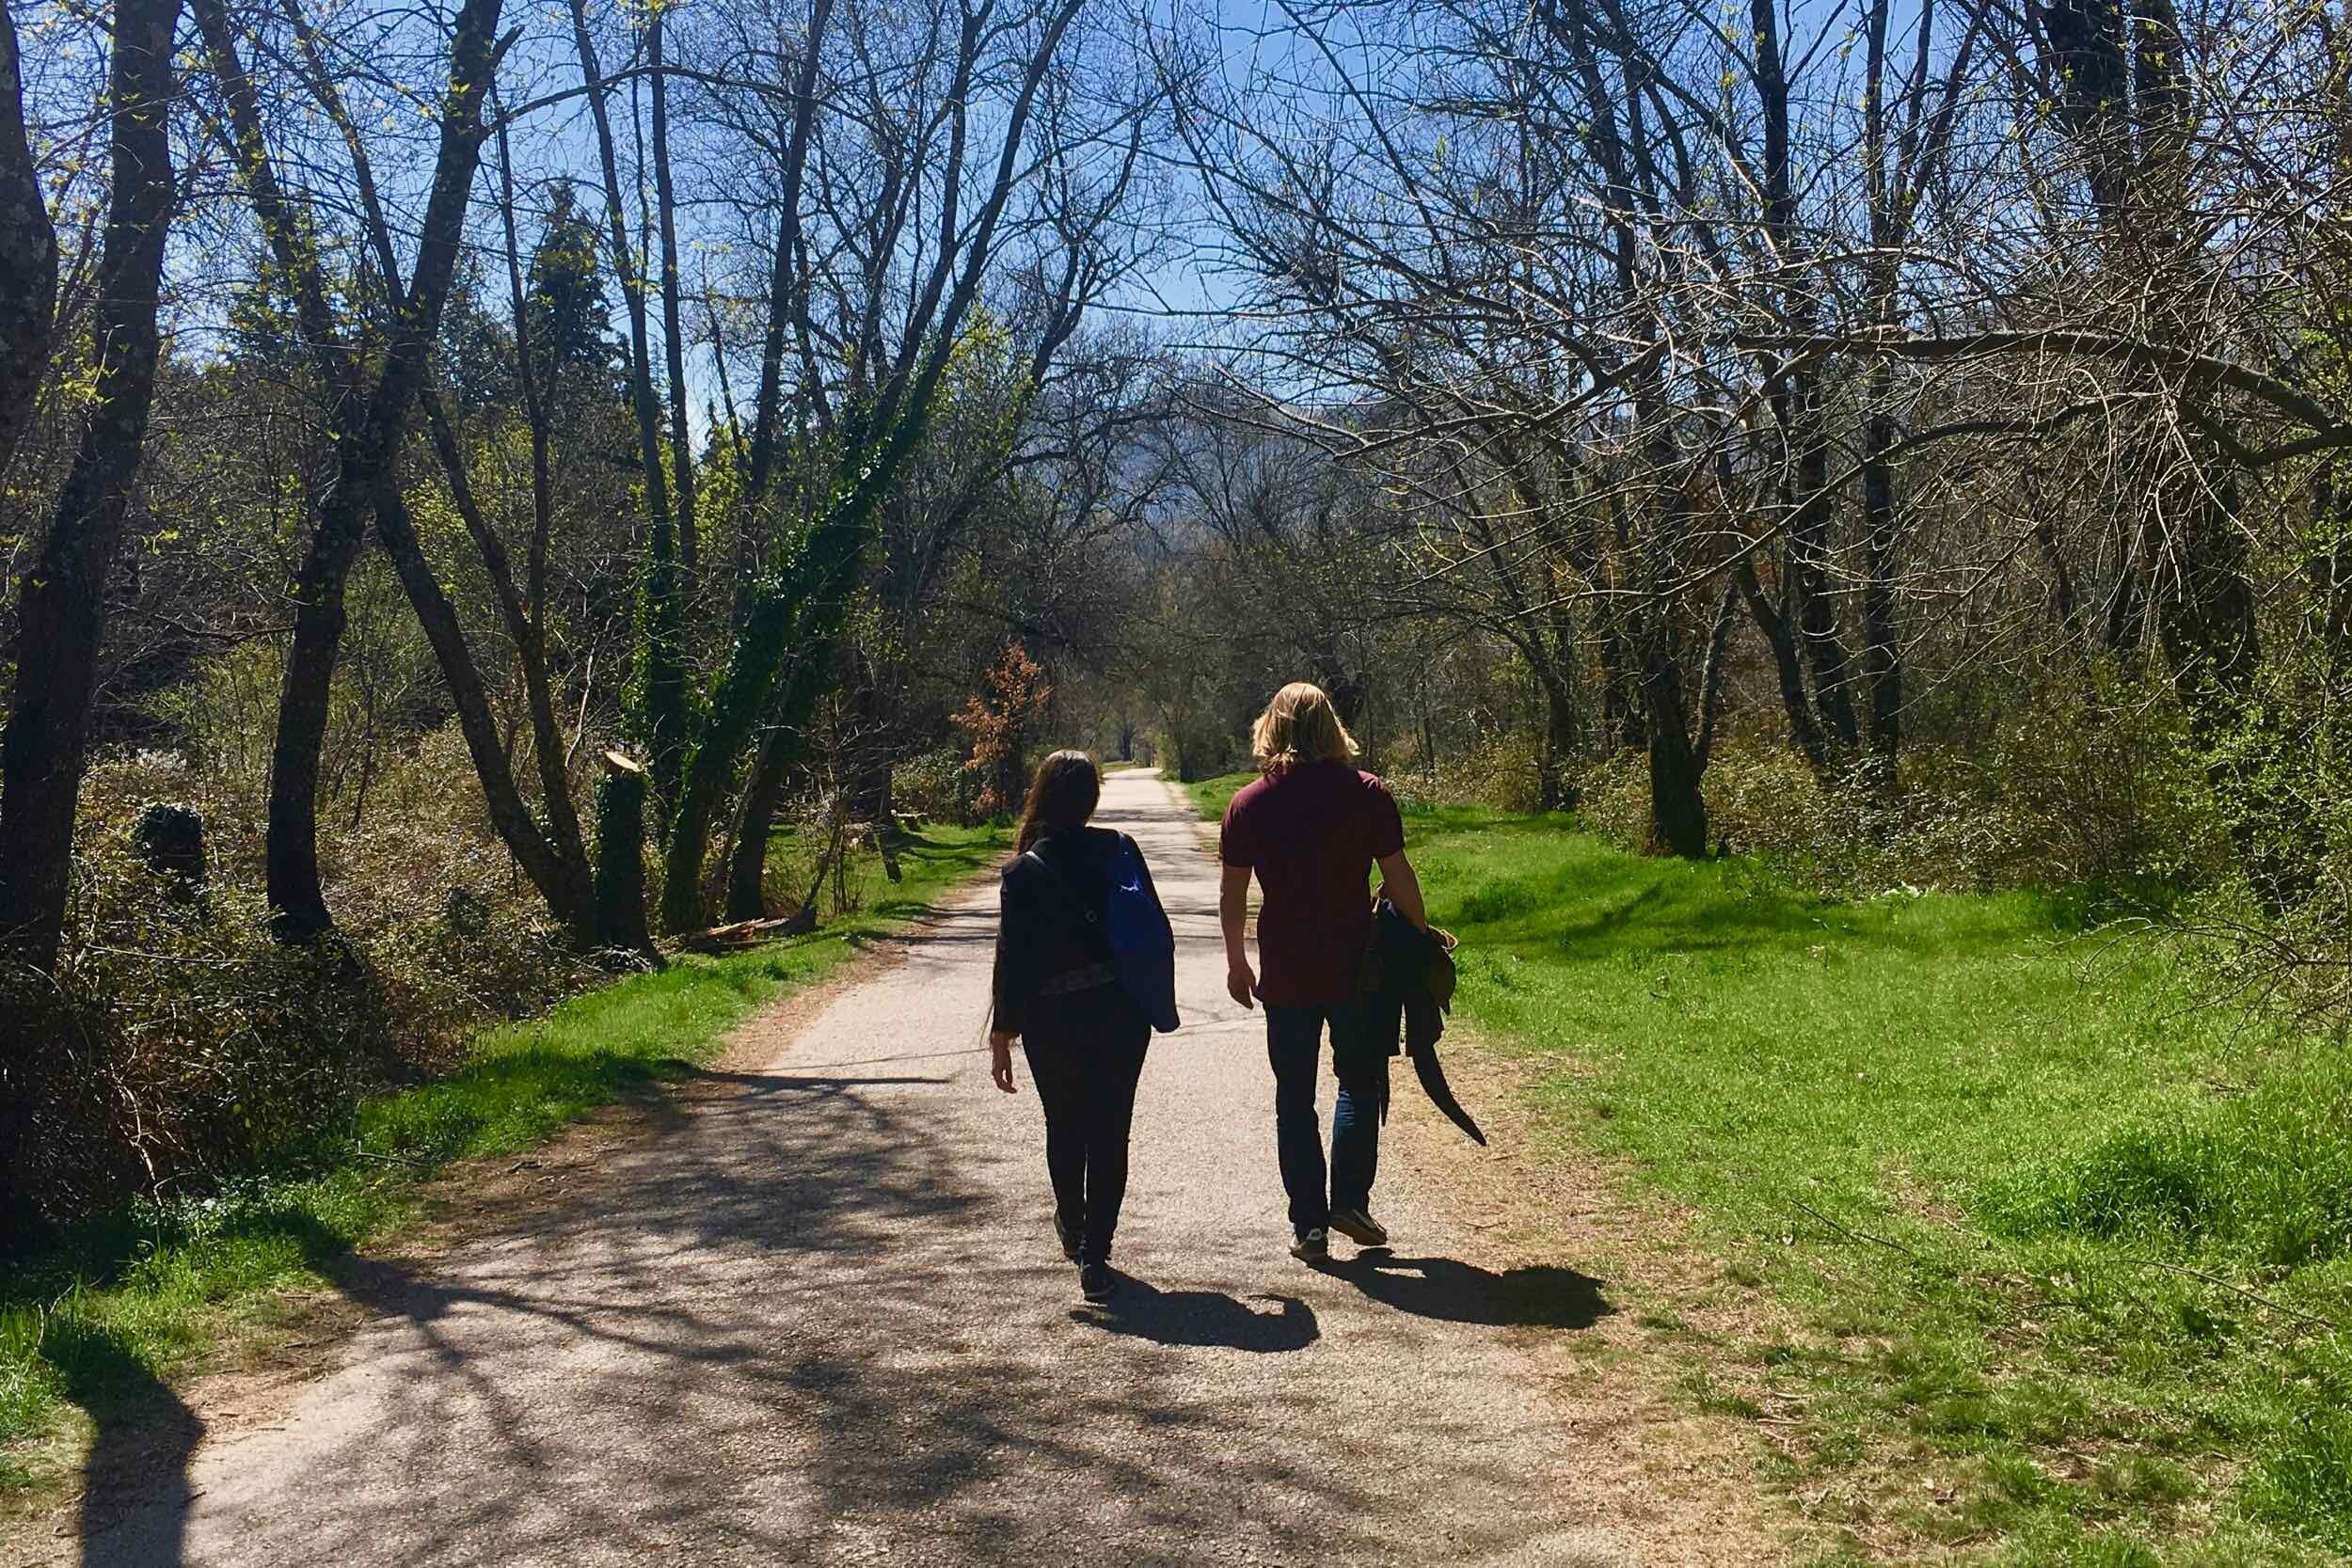 hemels-madrid-escorial-wandeling-elisabeth.jpg